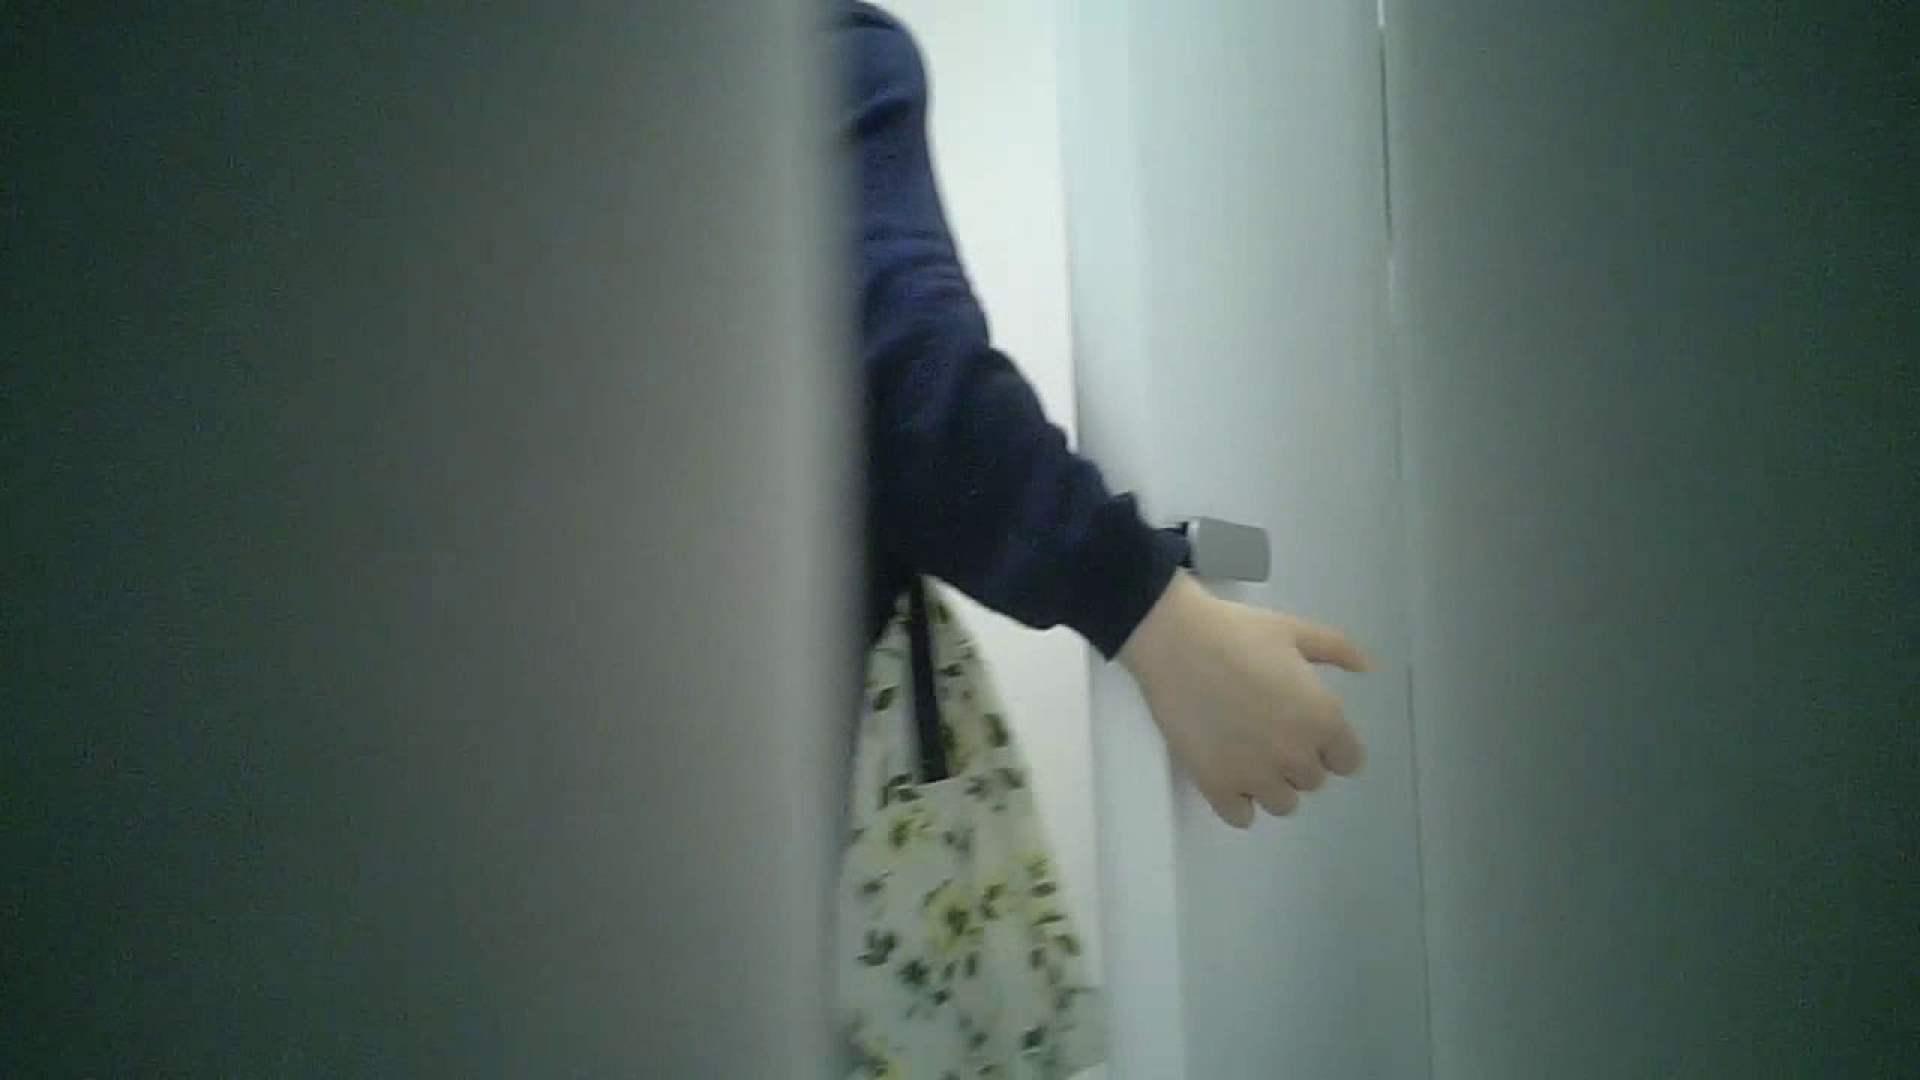 アダルトエロ動画|某有名大学女性洗面所 vol.34 今回は、2カメでばっちりいっちゃいました。|怪盗ジョーカー